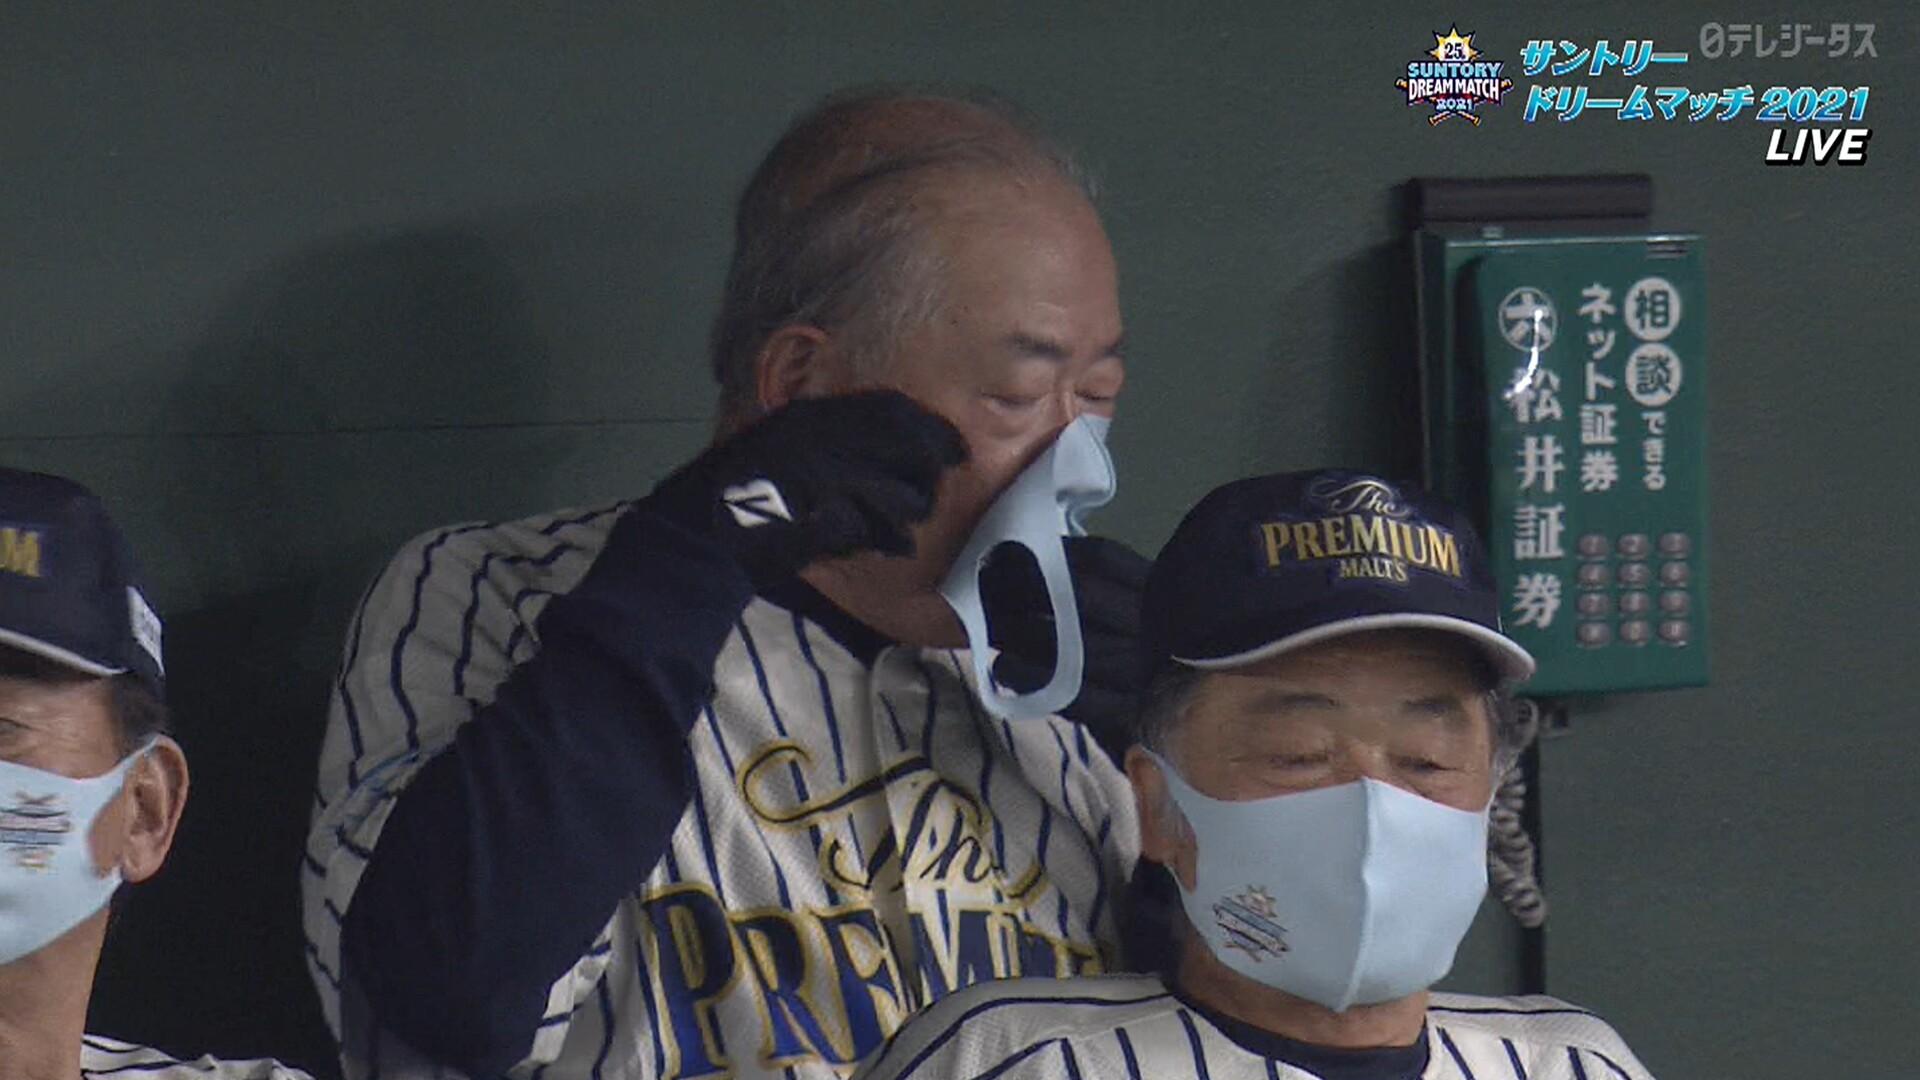 張本さん(80) マスクをつけるのに手こずるwwww